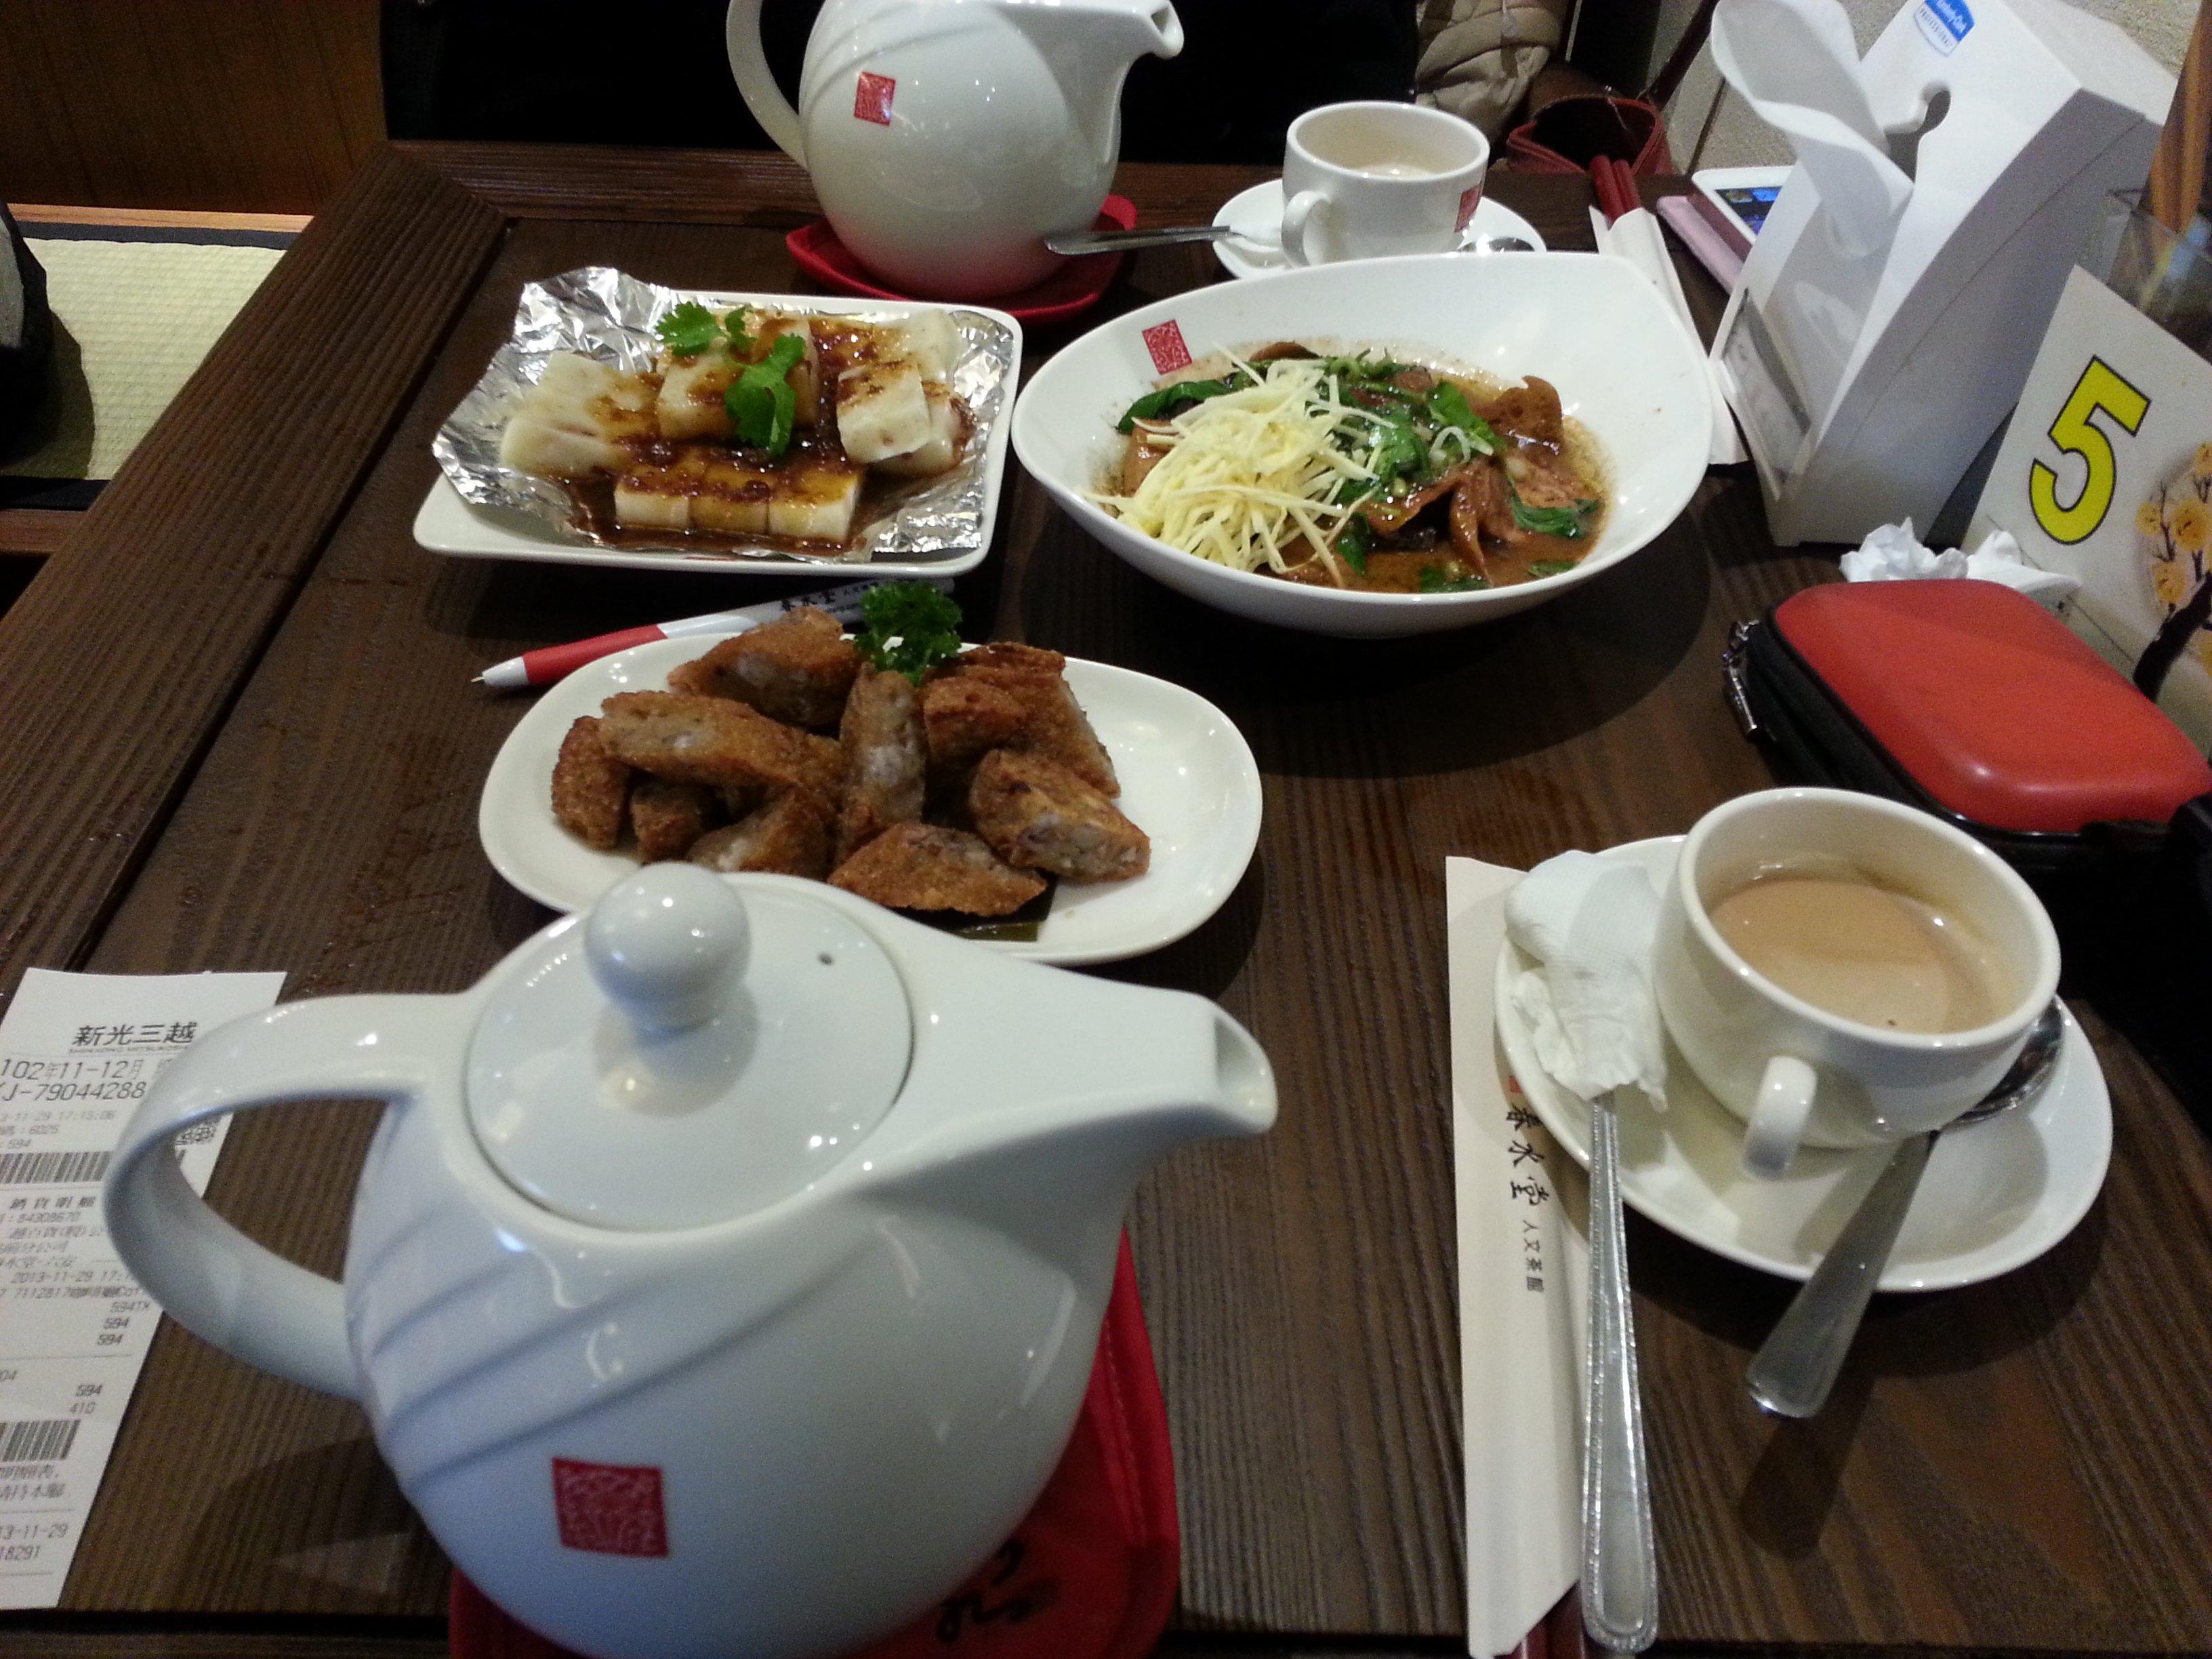 連鎖店「春水堂」茶壺珍珠奶茶。